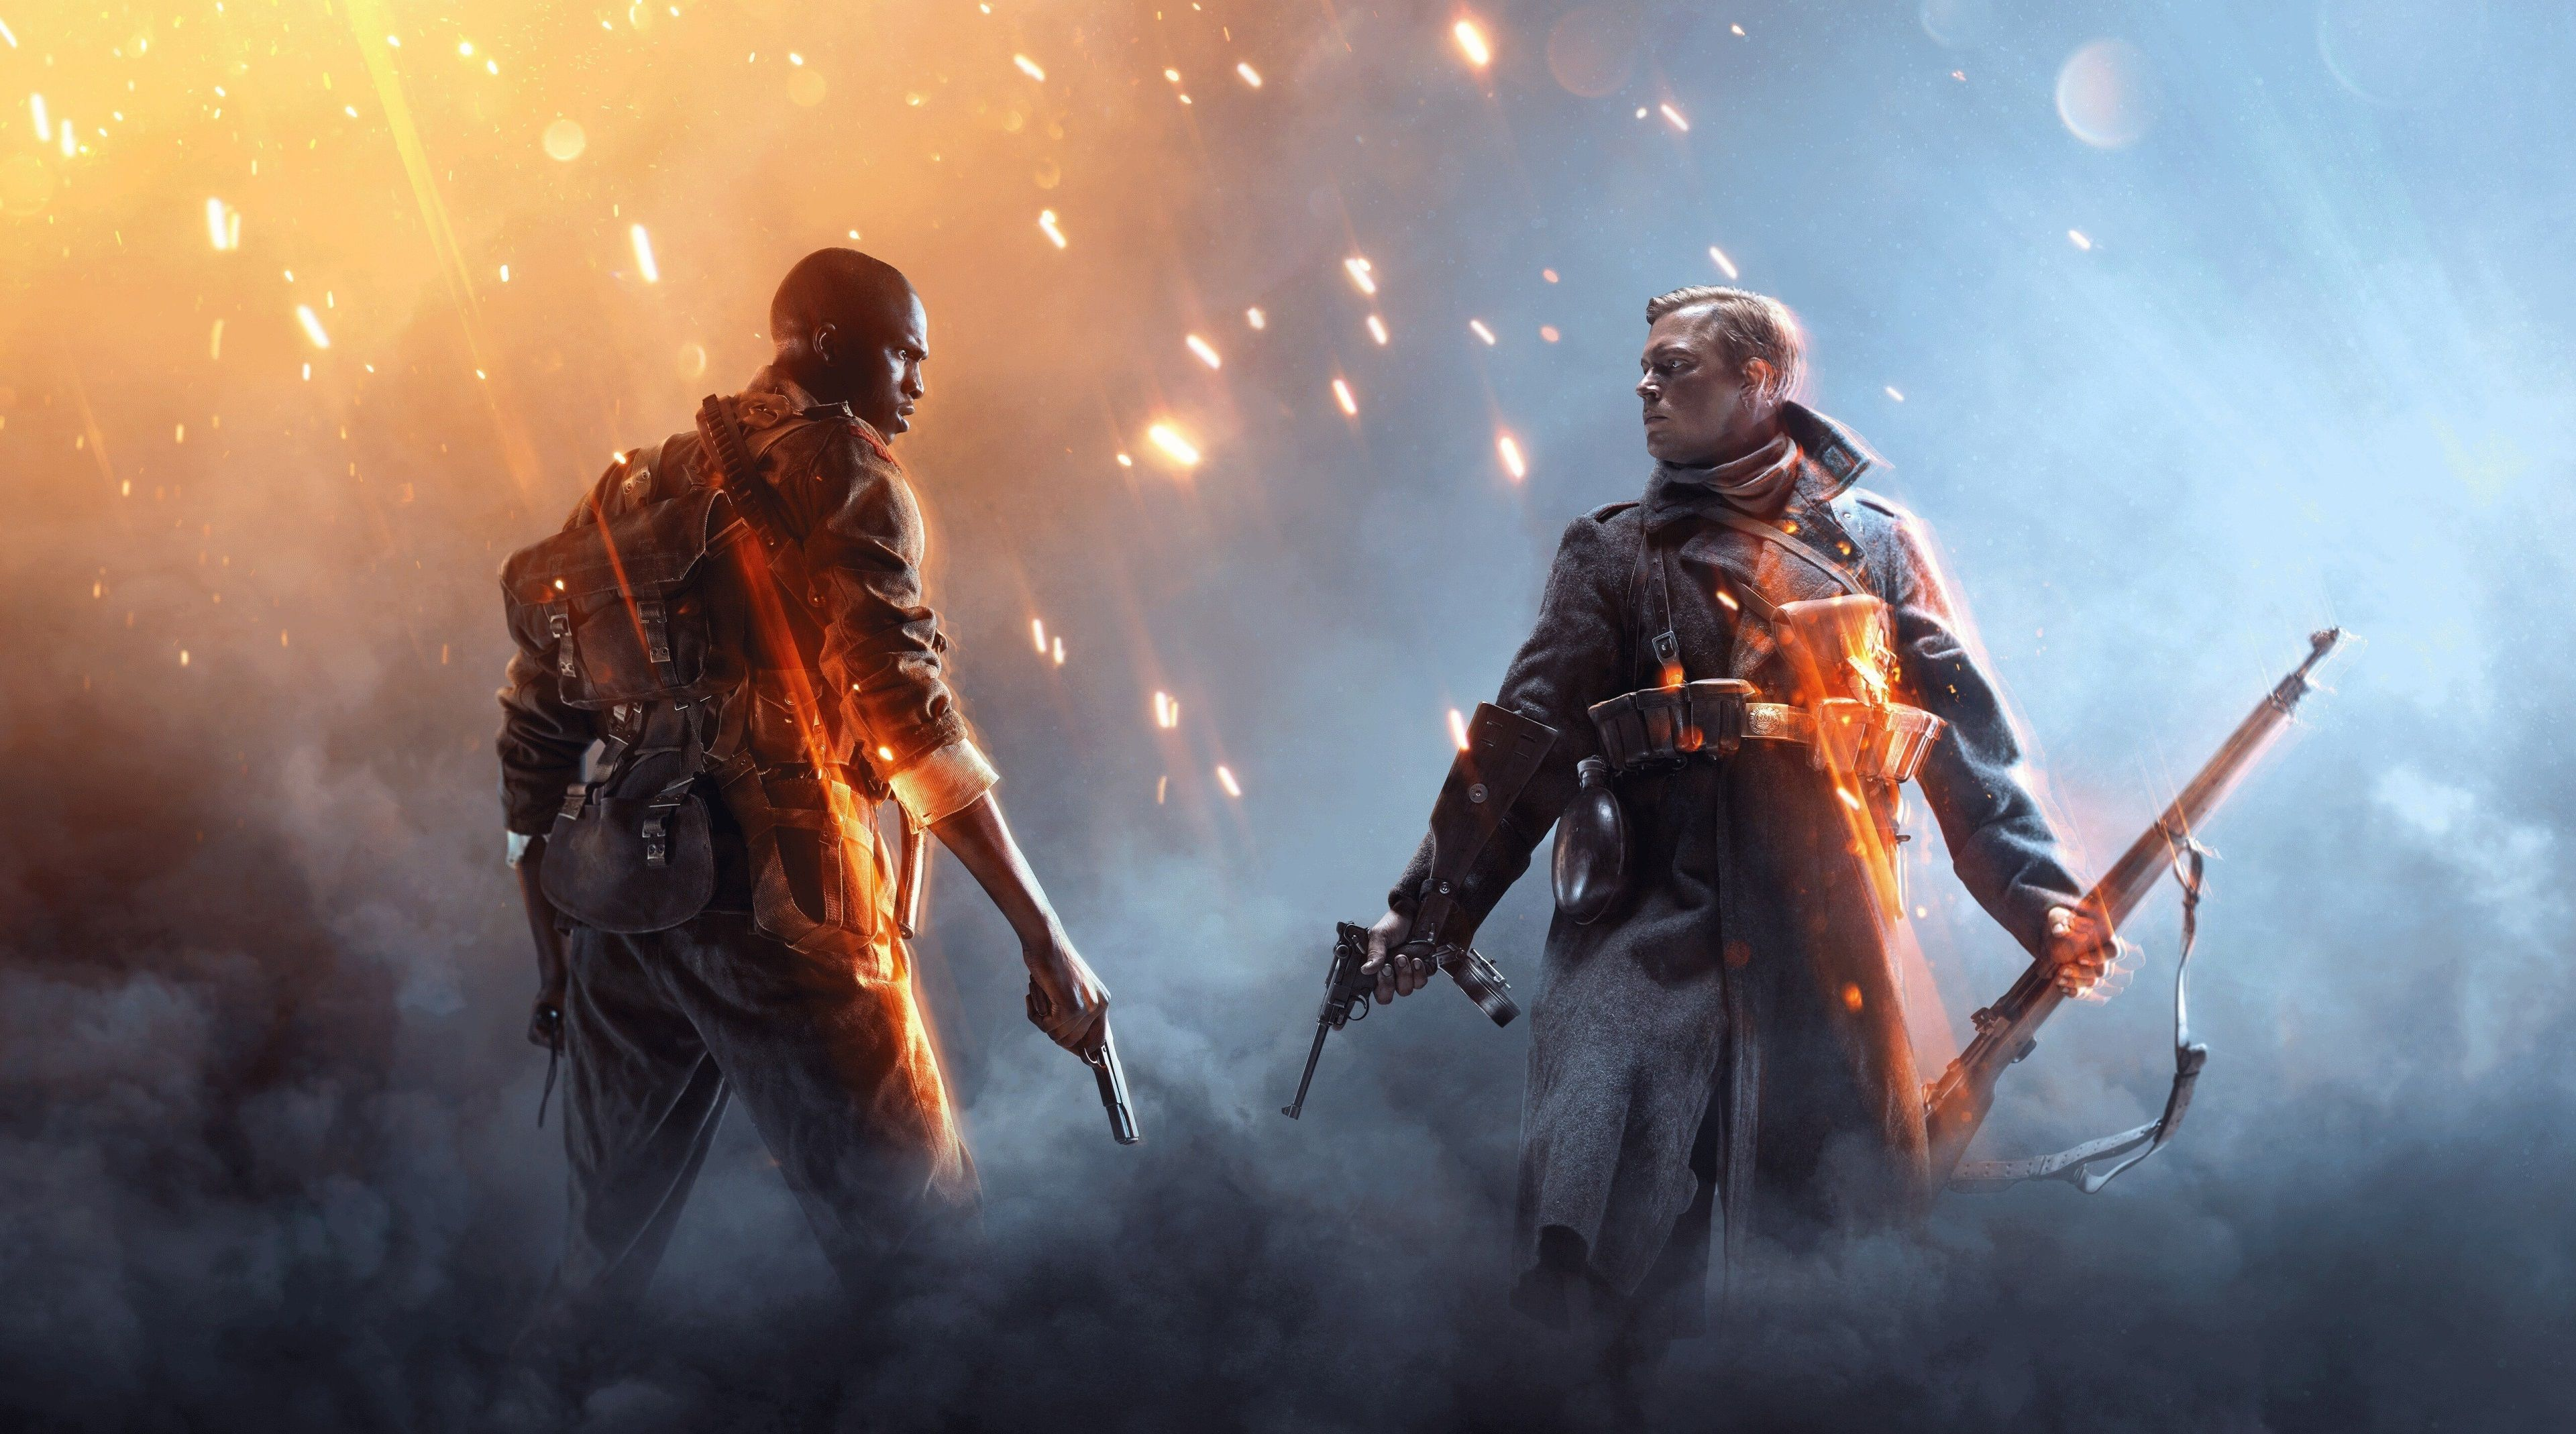 3840x2138 Battlefield 1 4k Cool Wallpaper Hd Battlefield Battlefield 1 Battlefield 1 Game